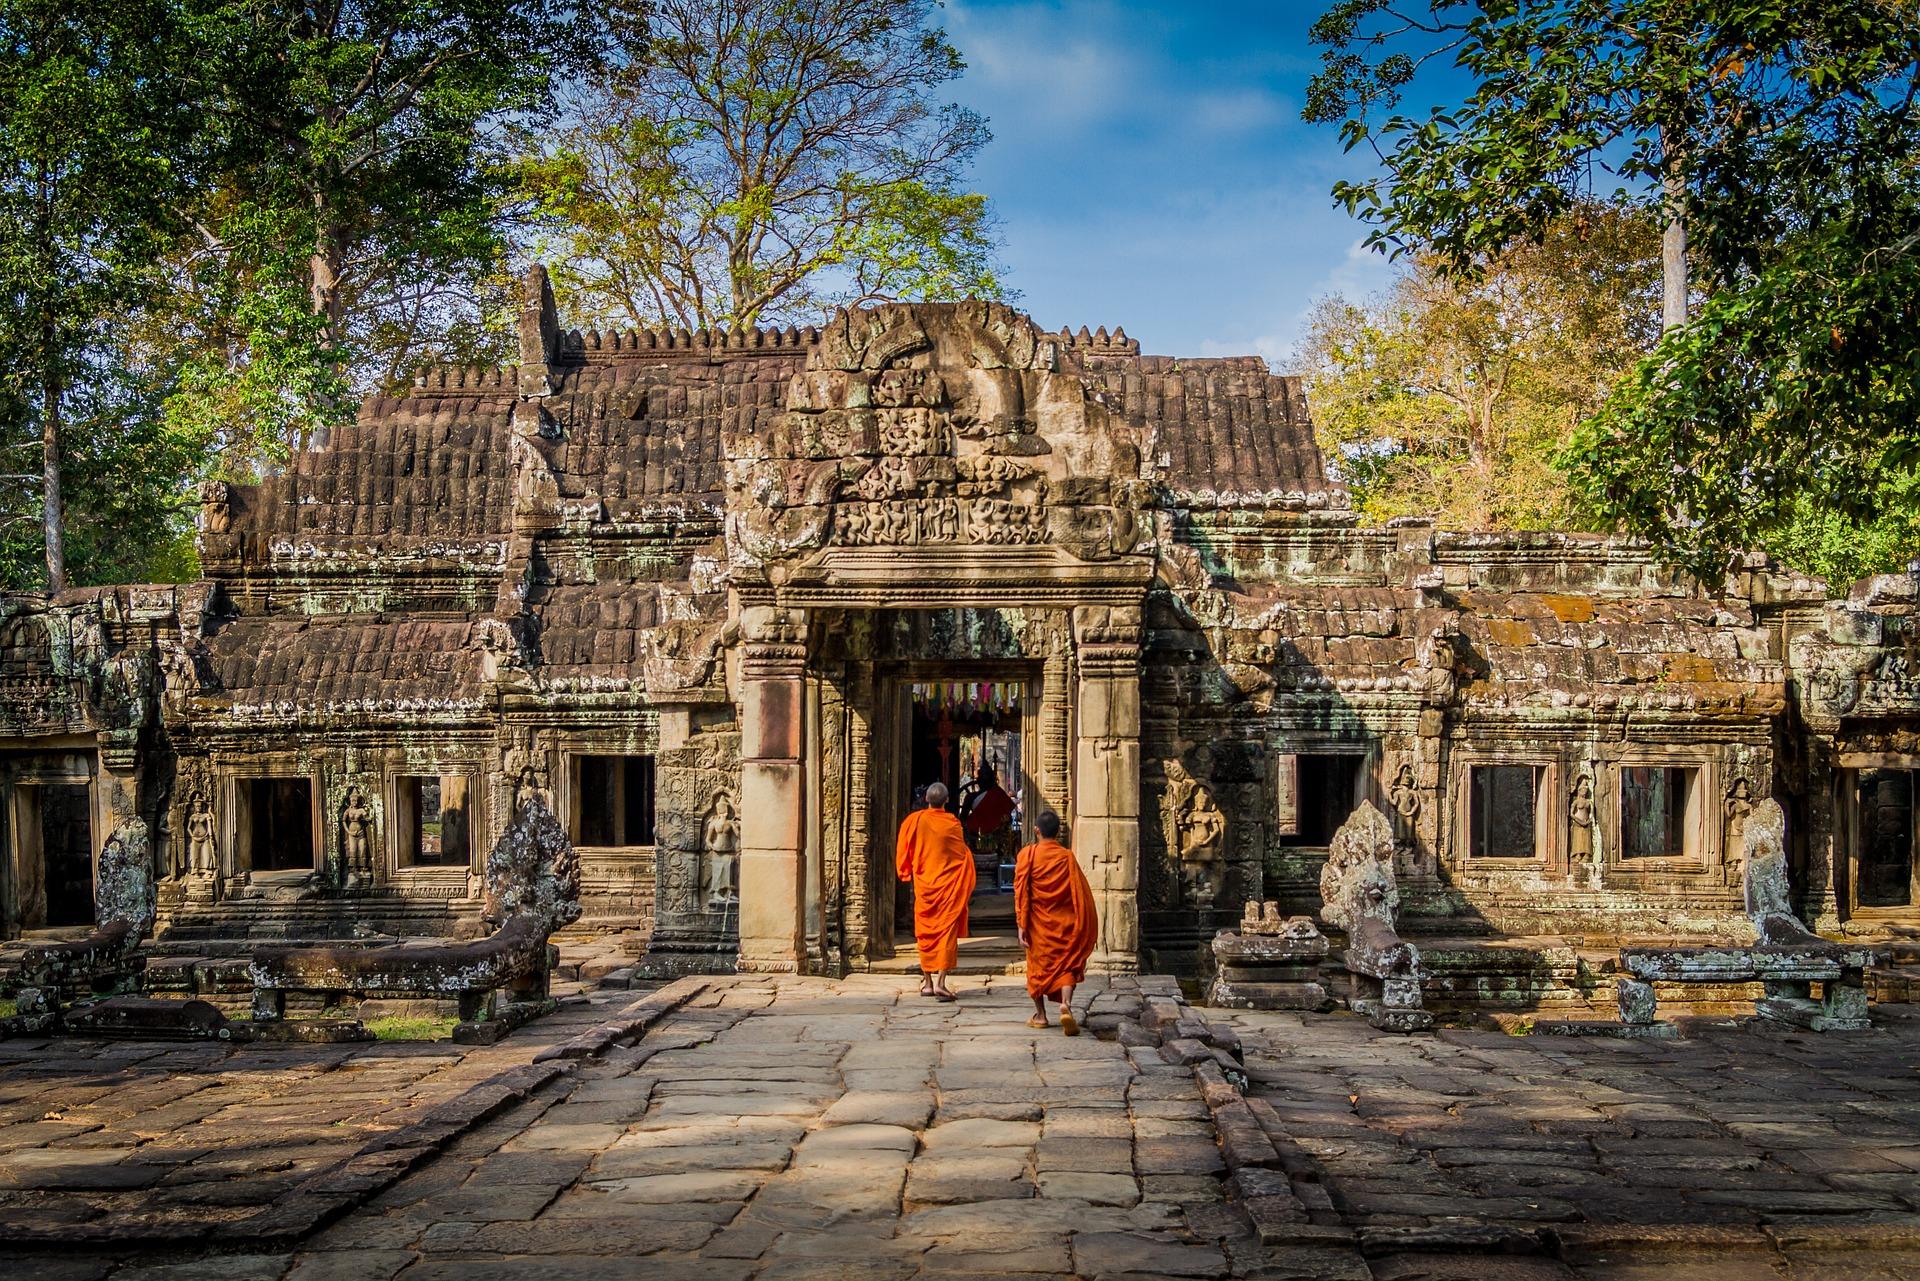 Angkor_Wat_Cambodge_CC0.jpg?1545563067